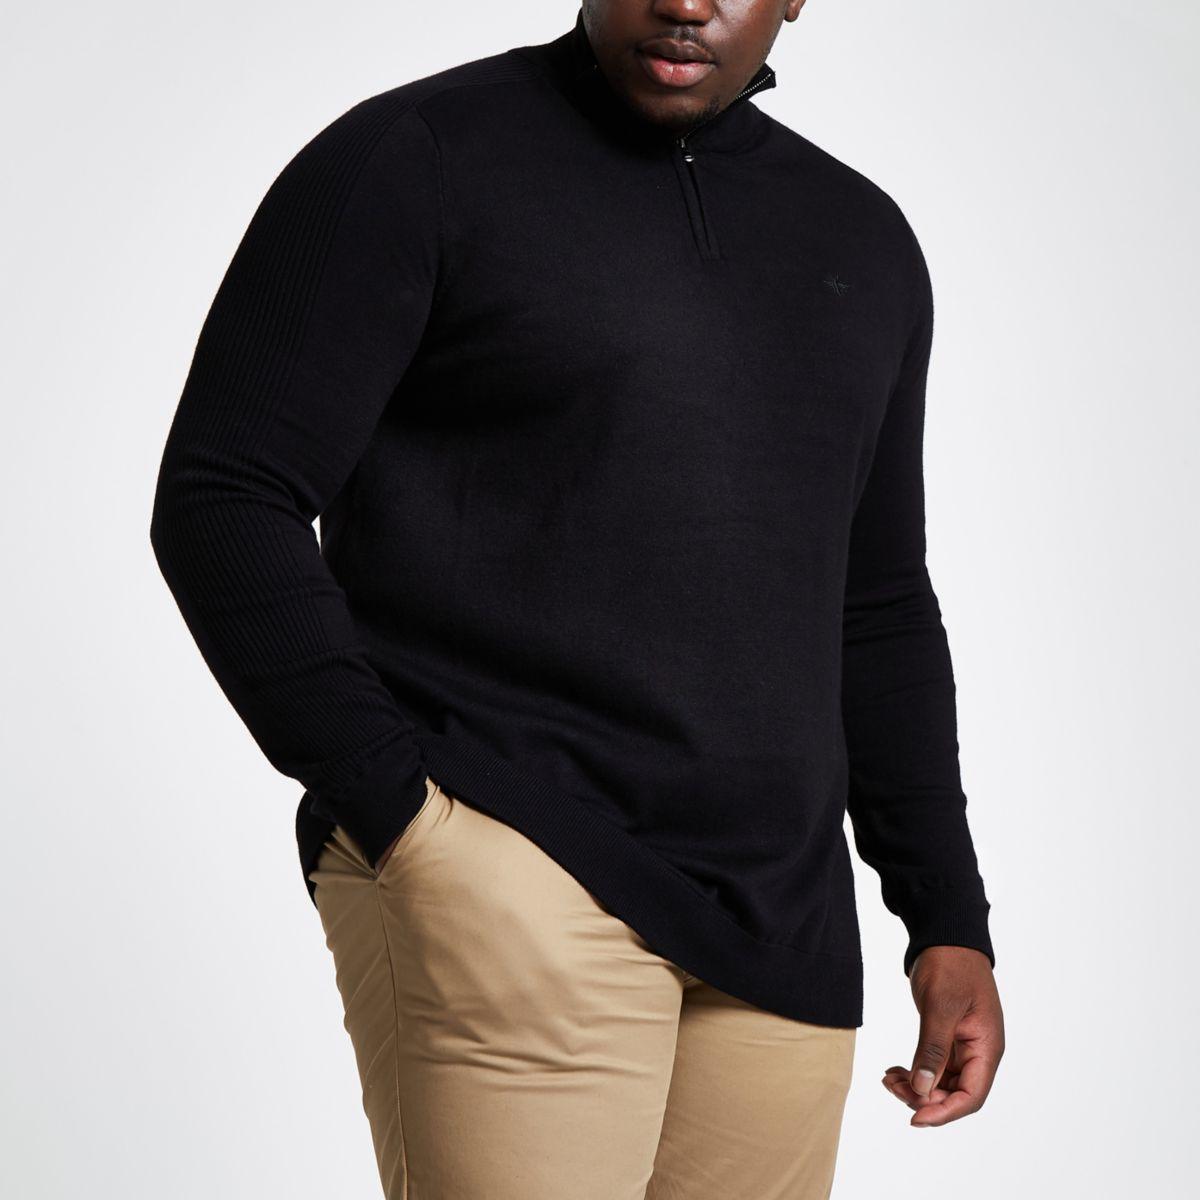 Big and Tall black knit zip up jumper